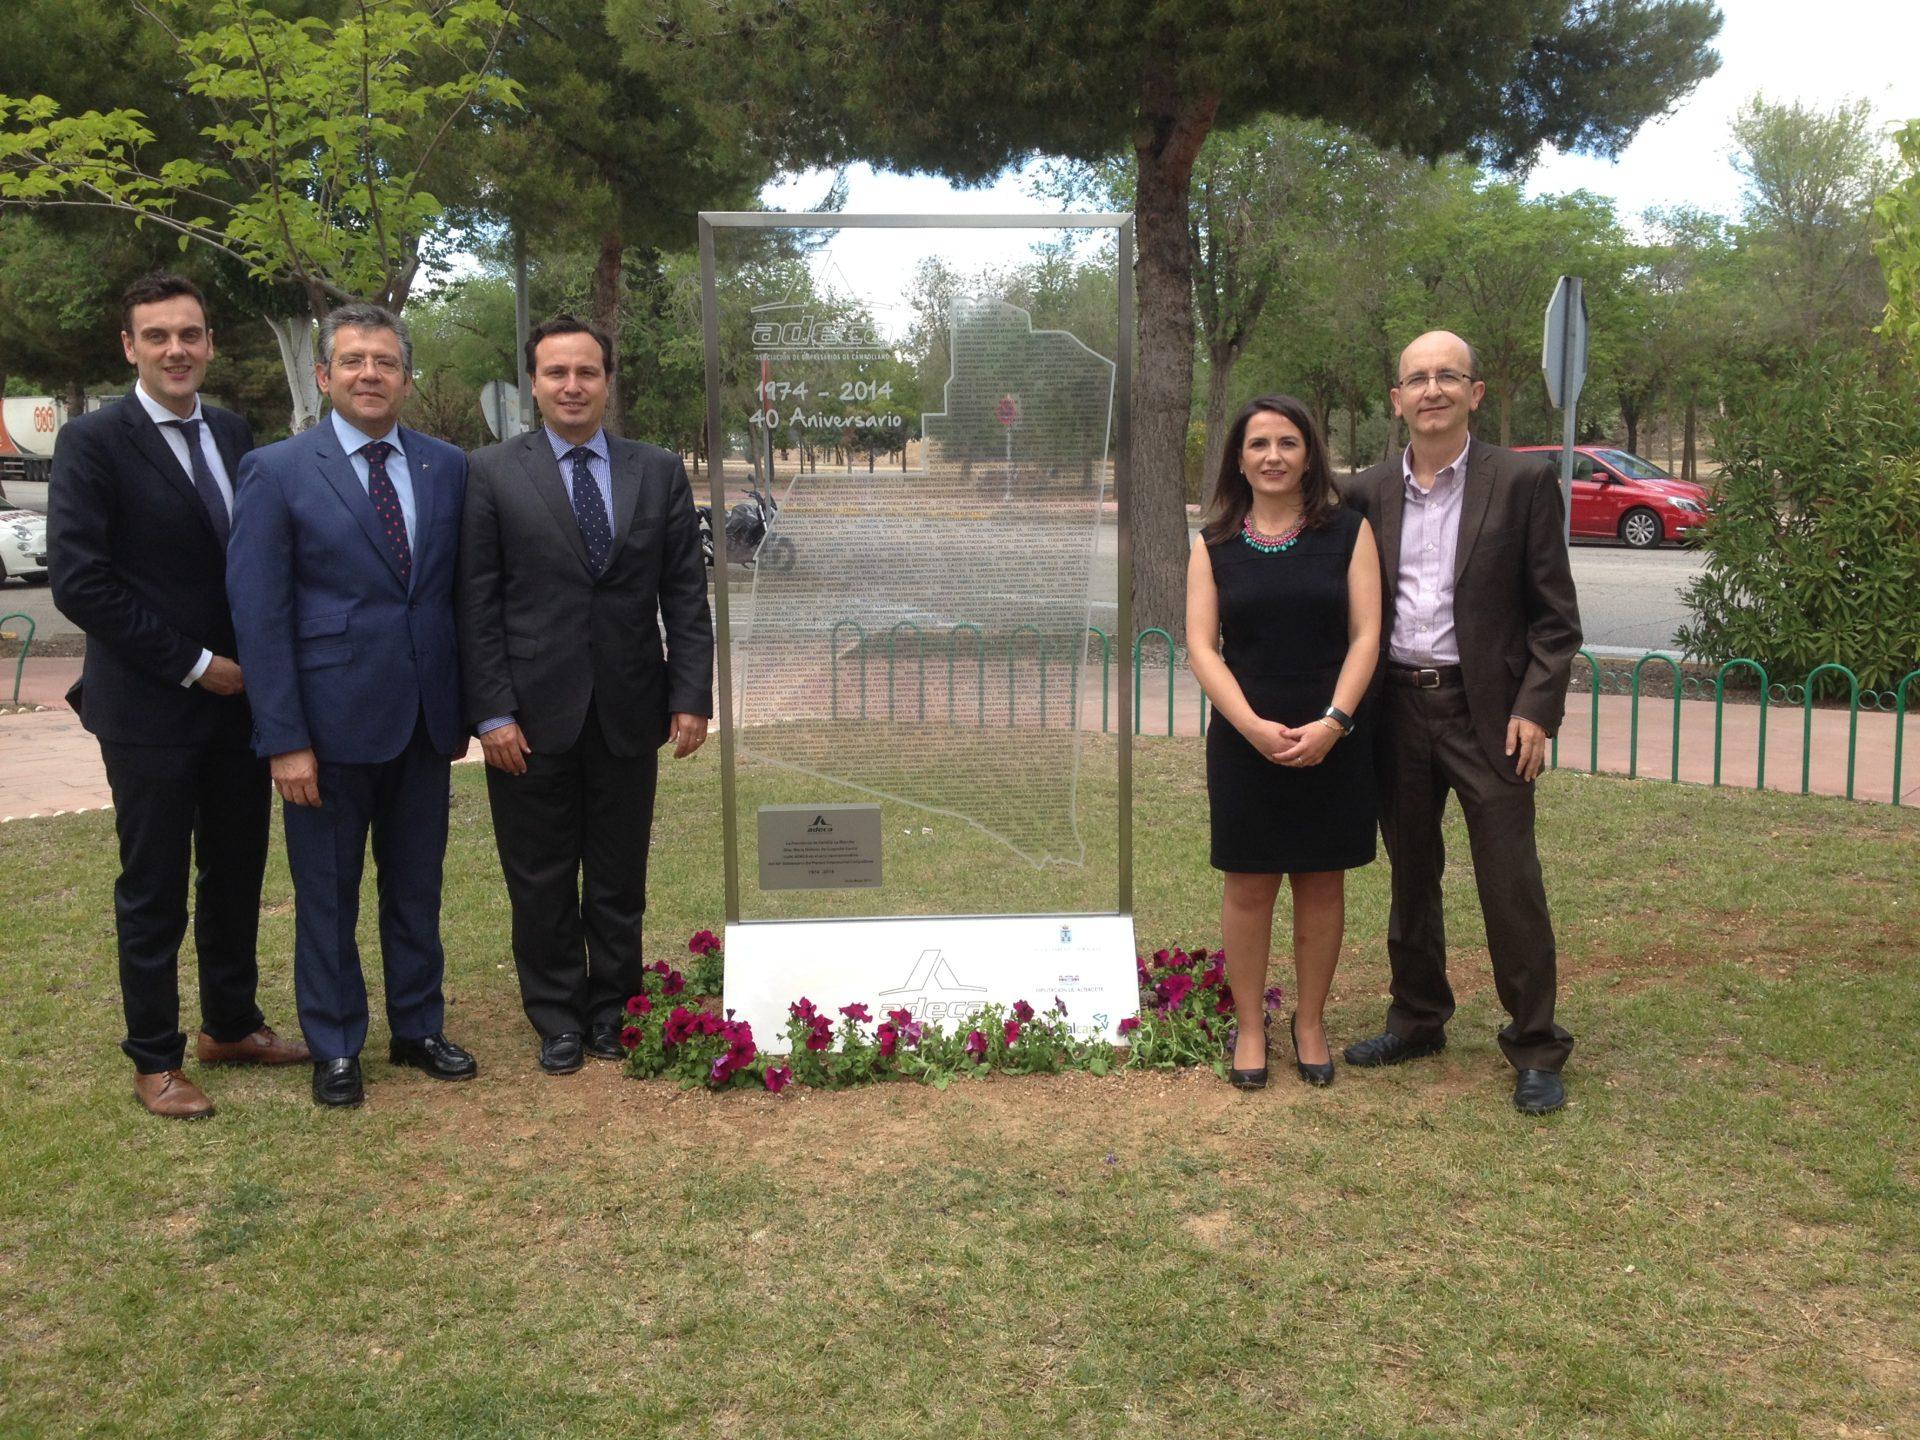 40 Aniversario del Parque Empresarial Campollano (ADECA), el mayor parque empresarial de Castilla-La Mancha.